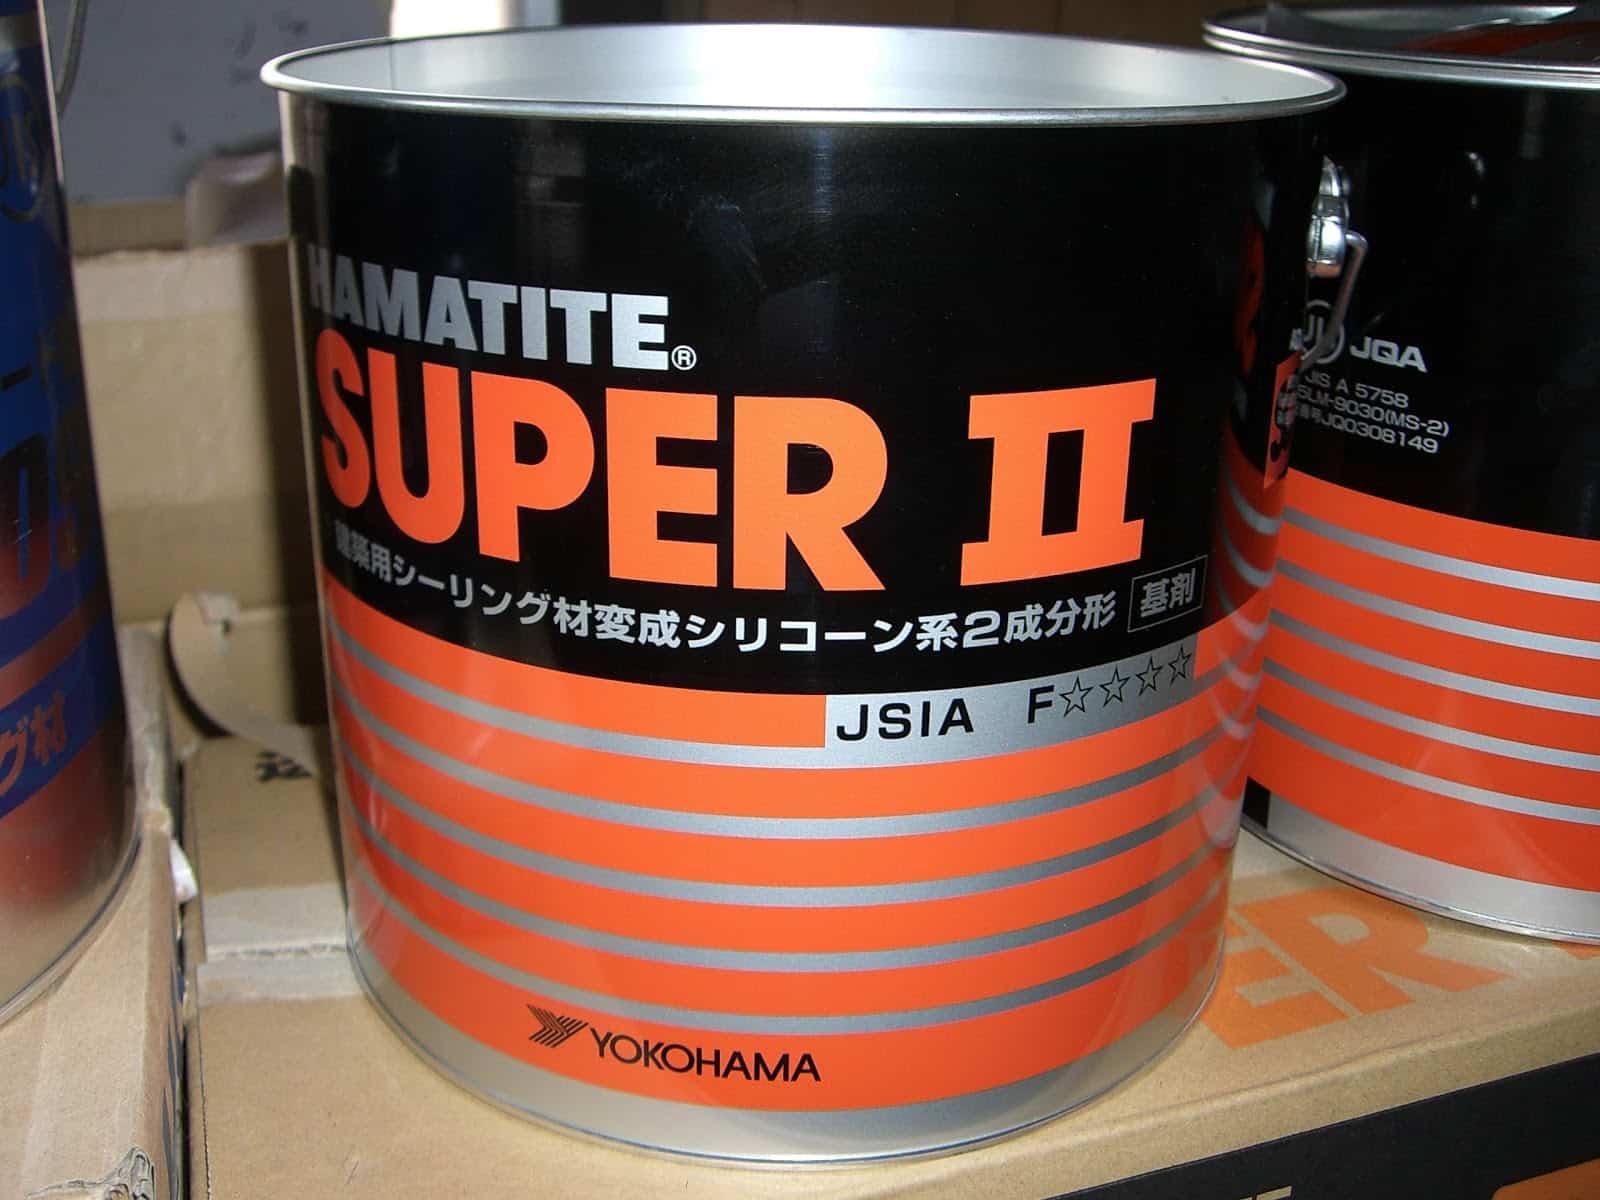 横浜ゴム ・ハマタイトスーパーⅡ